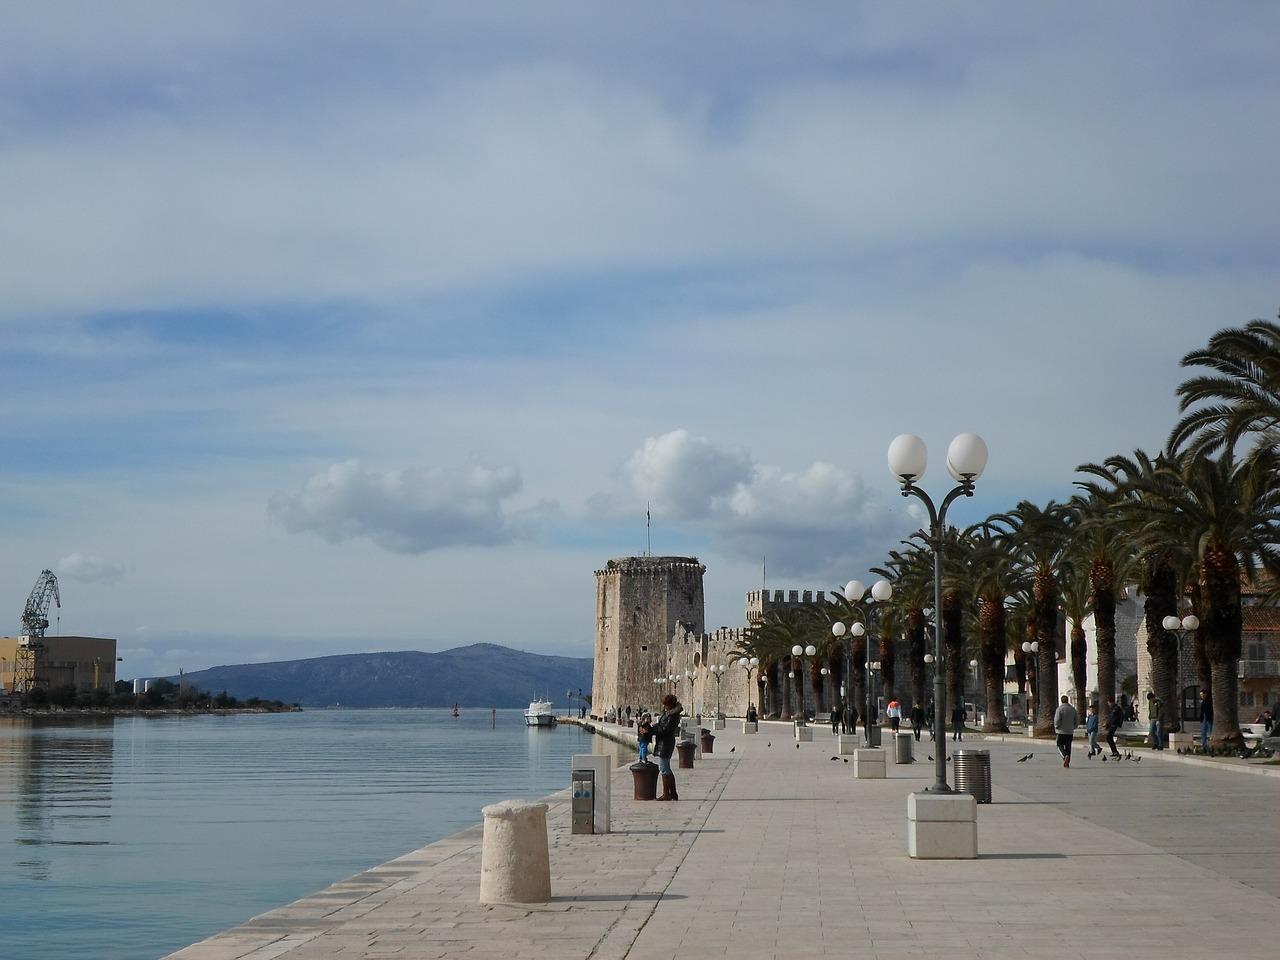 Trogir Waterfront Promenade